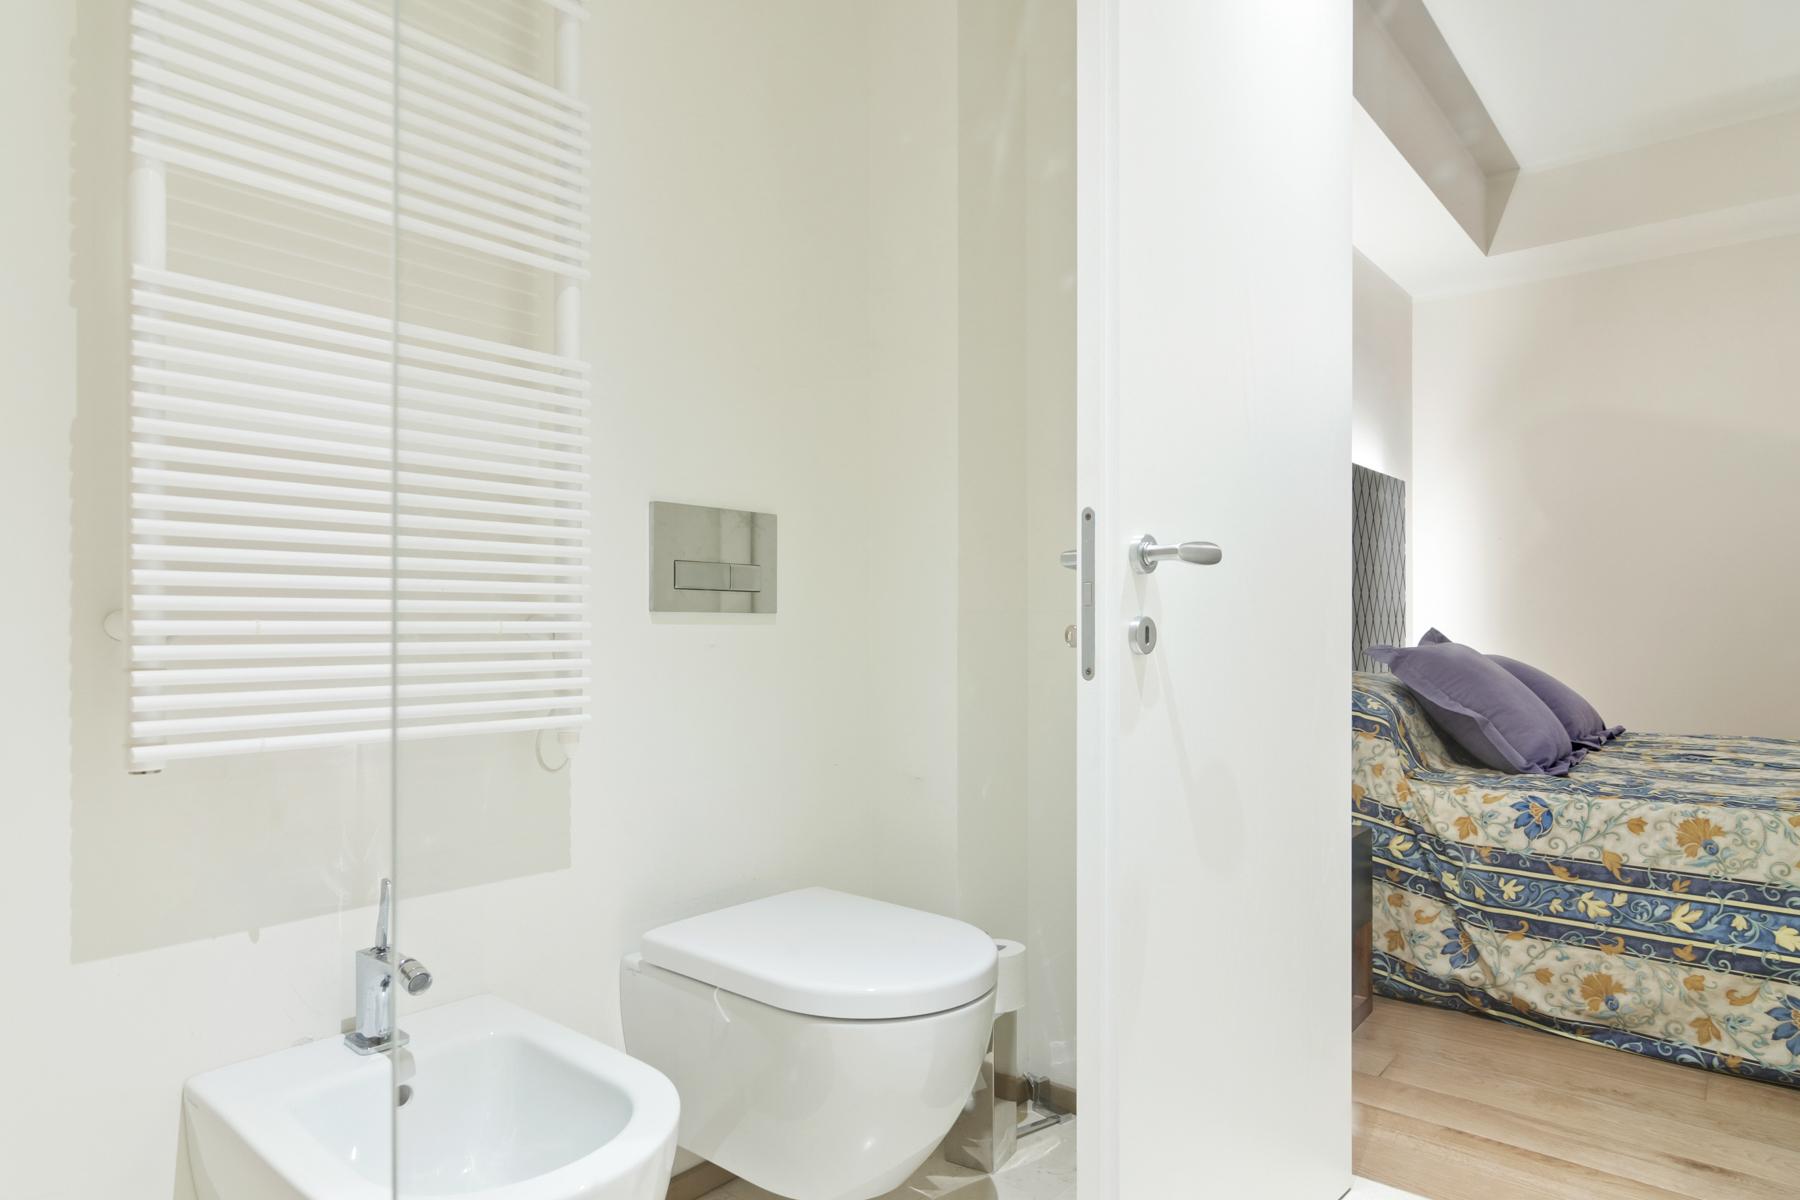 Appartamento in Vendita a Santa Margherita Ligure: 4 locali, 124 mq - Foto 11